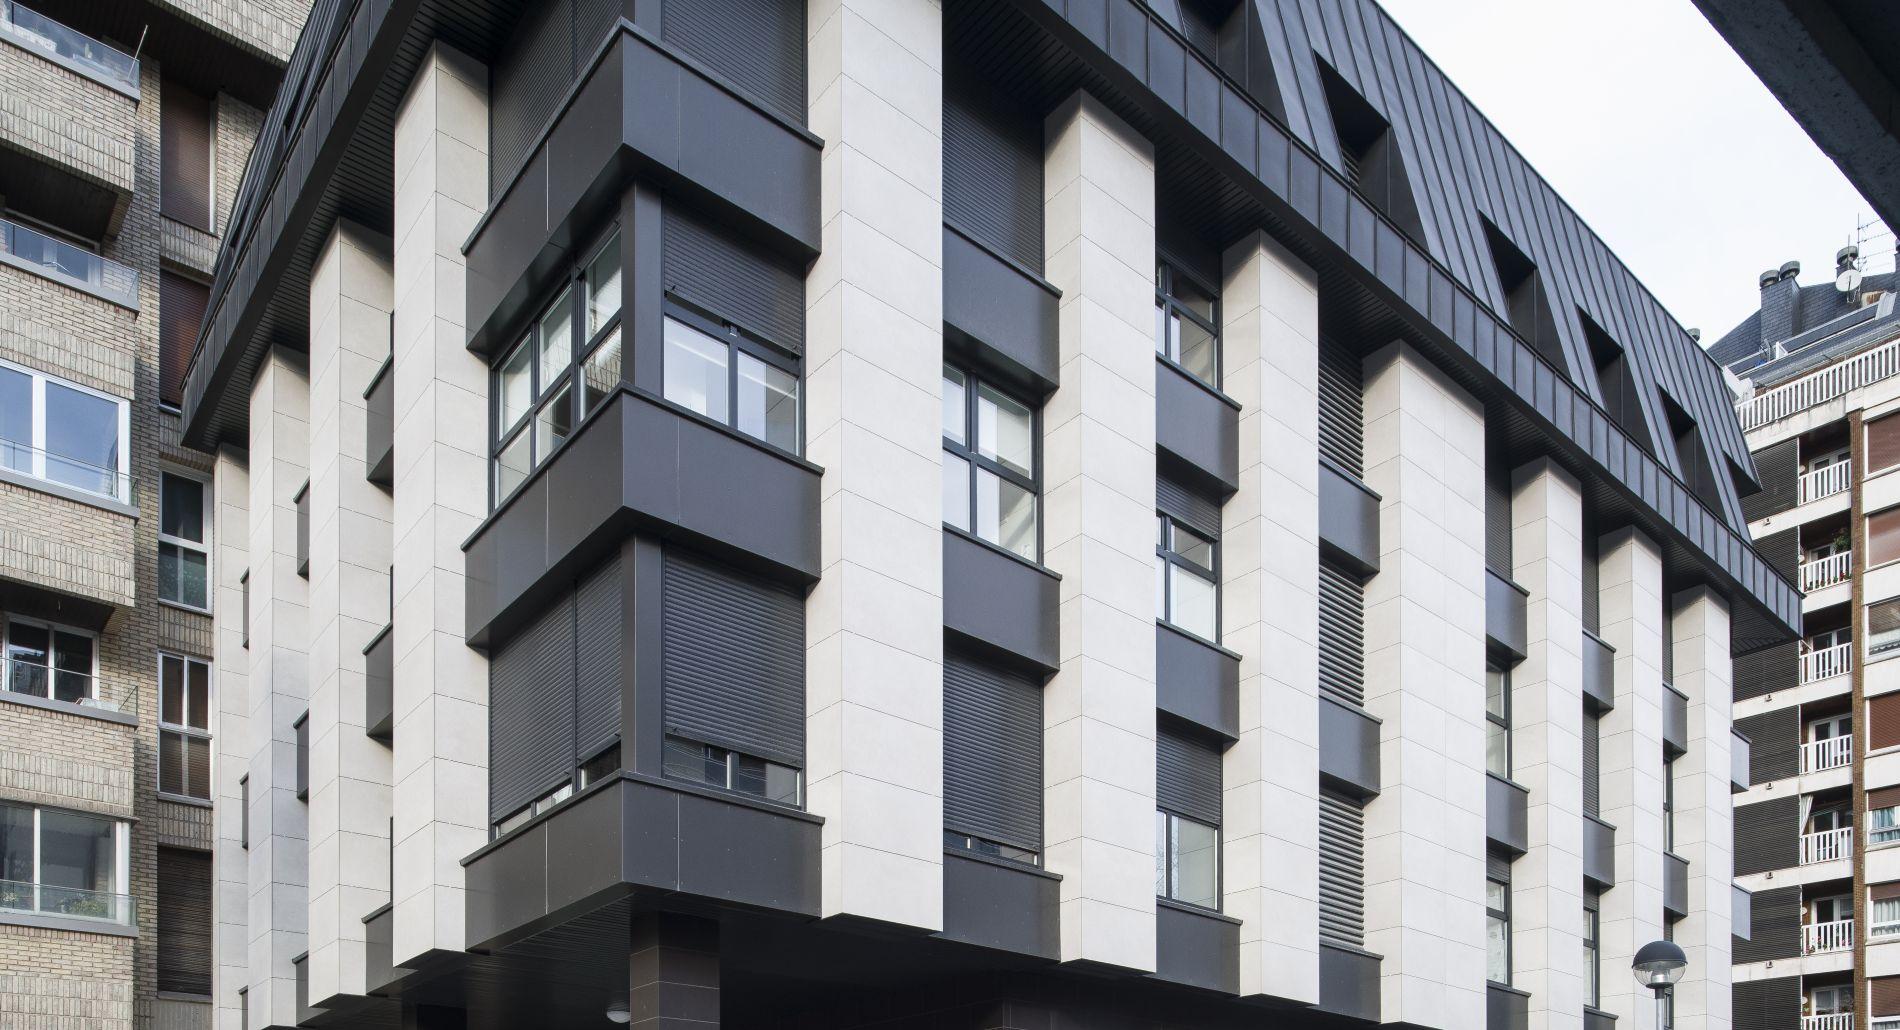 Fiark - 80 viviendas calle podavines 18